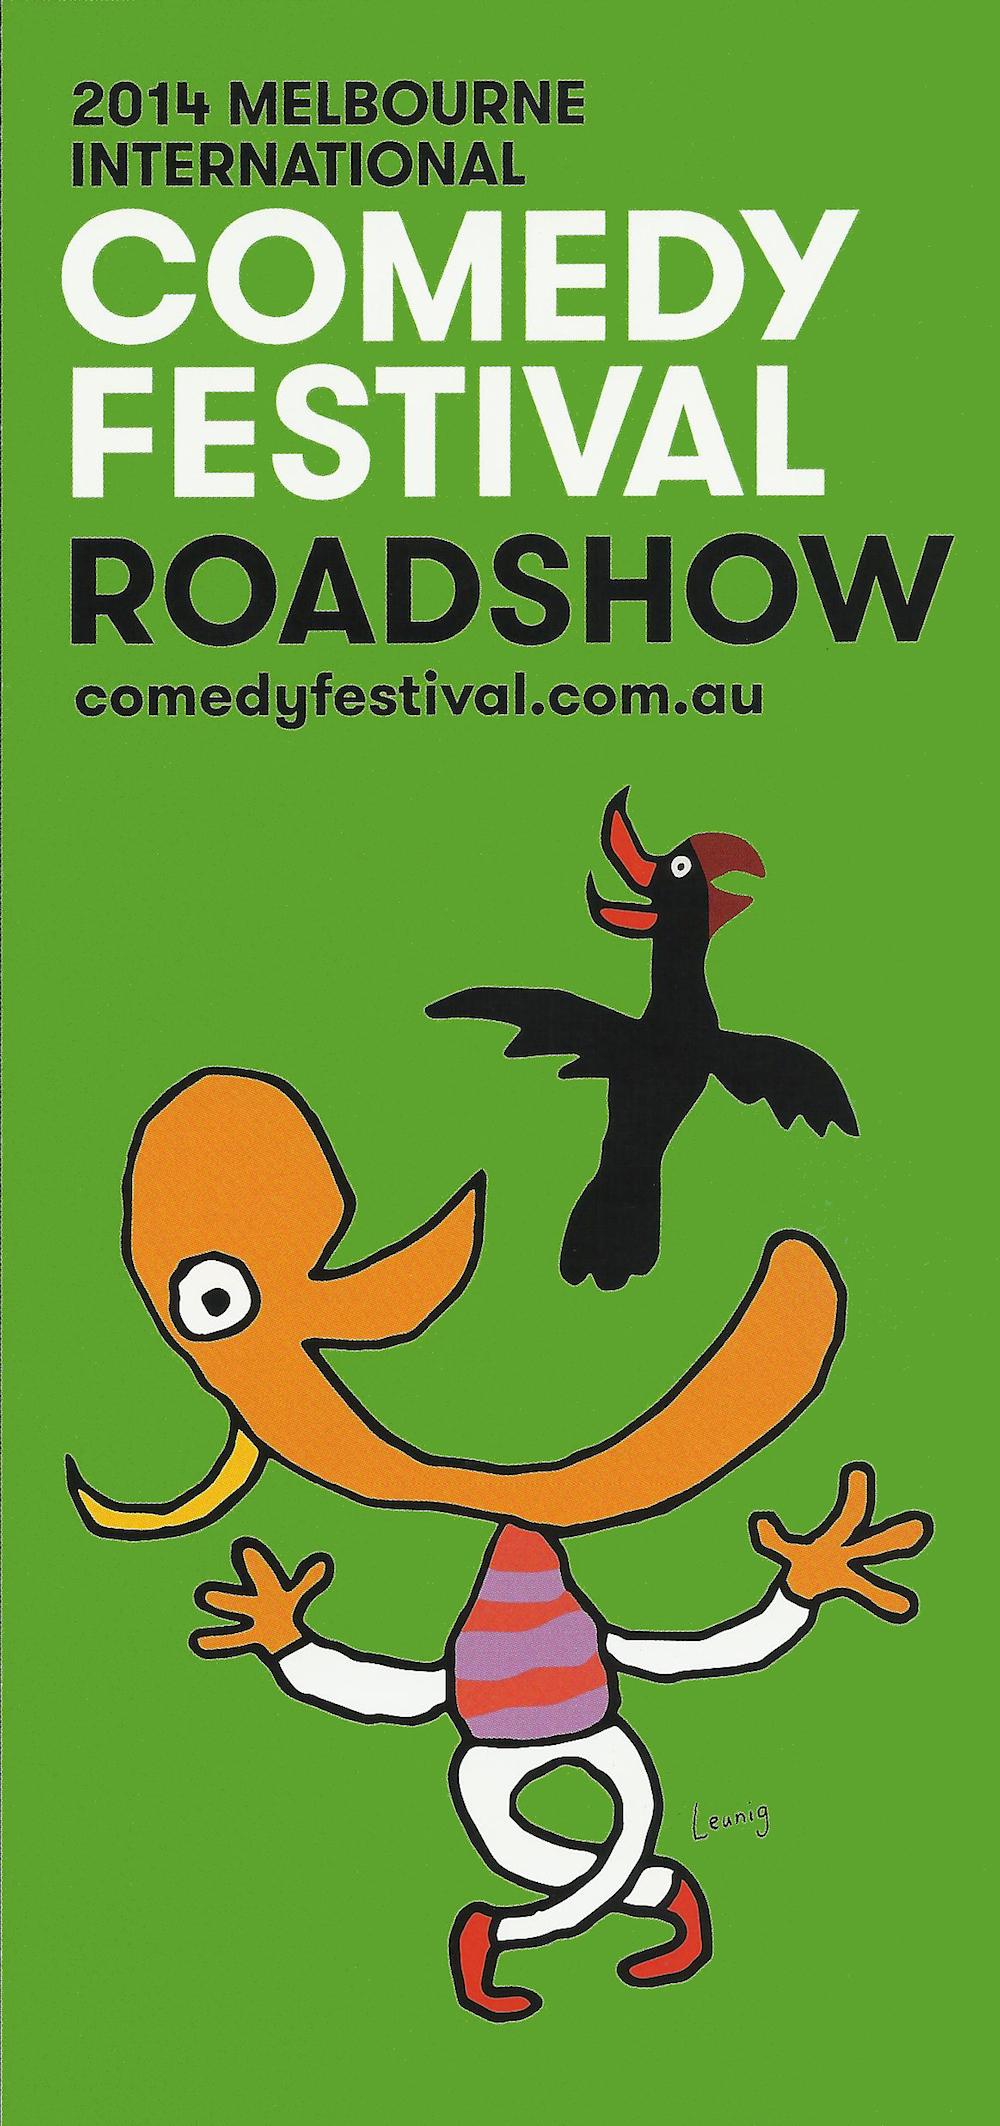 Melbourne Comedy Festival 2014 artwork